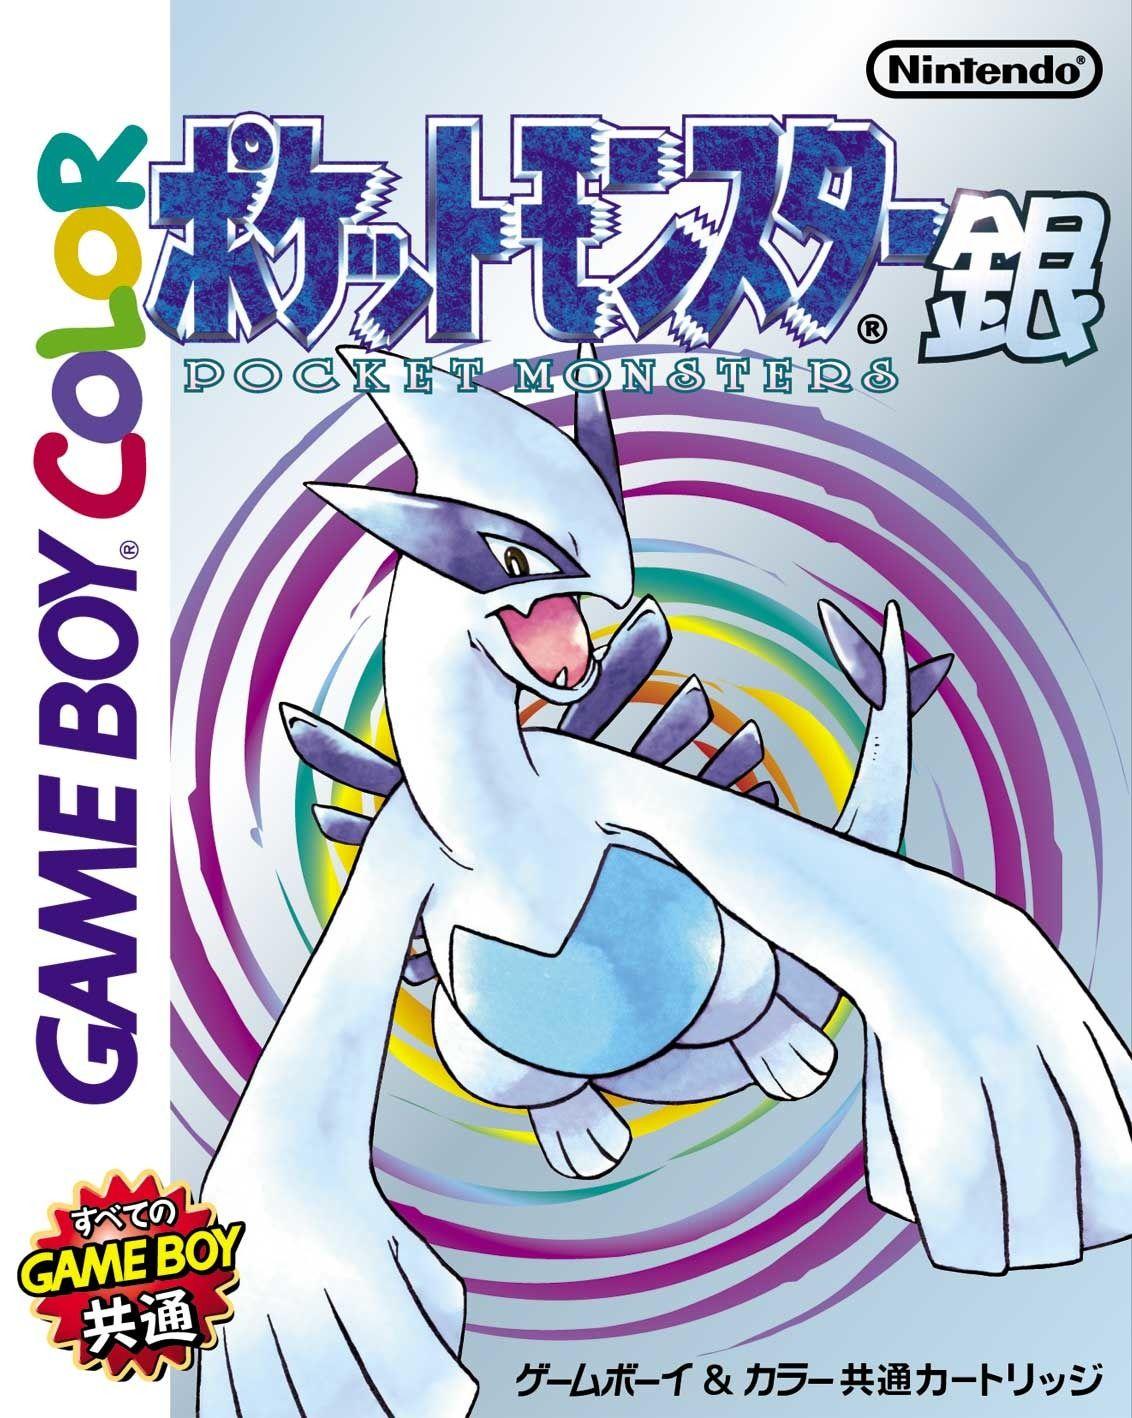 Retraced the Pokemon Gold cover image [8K Wallpaper